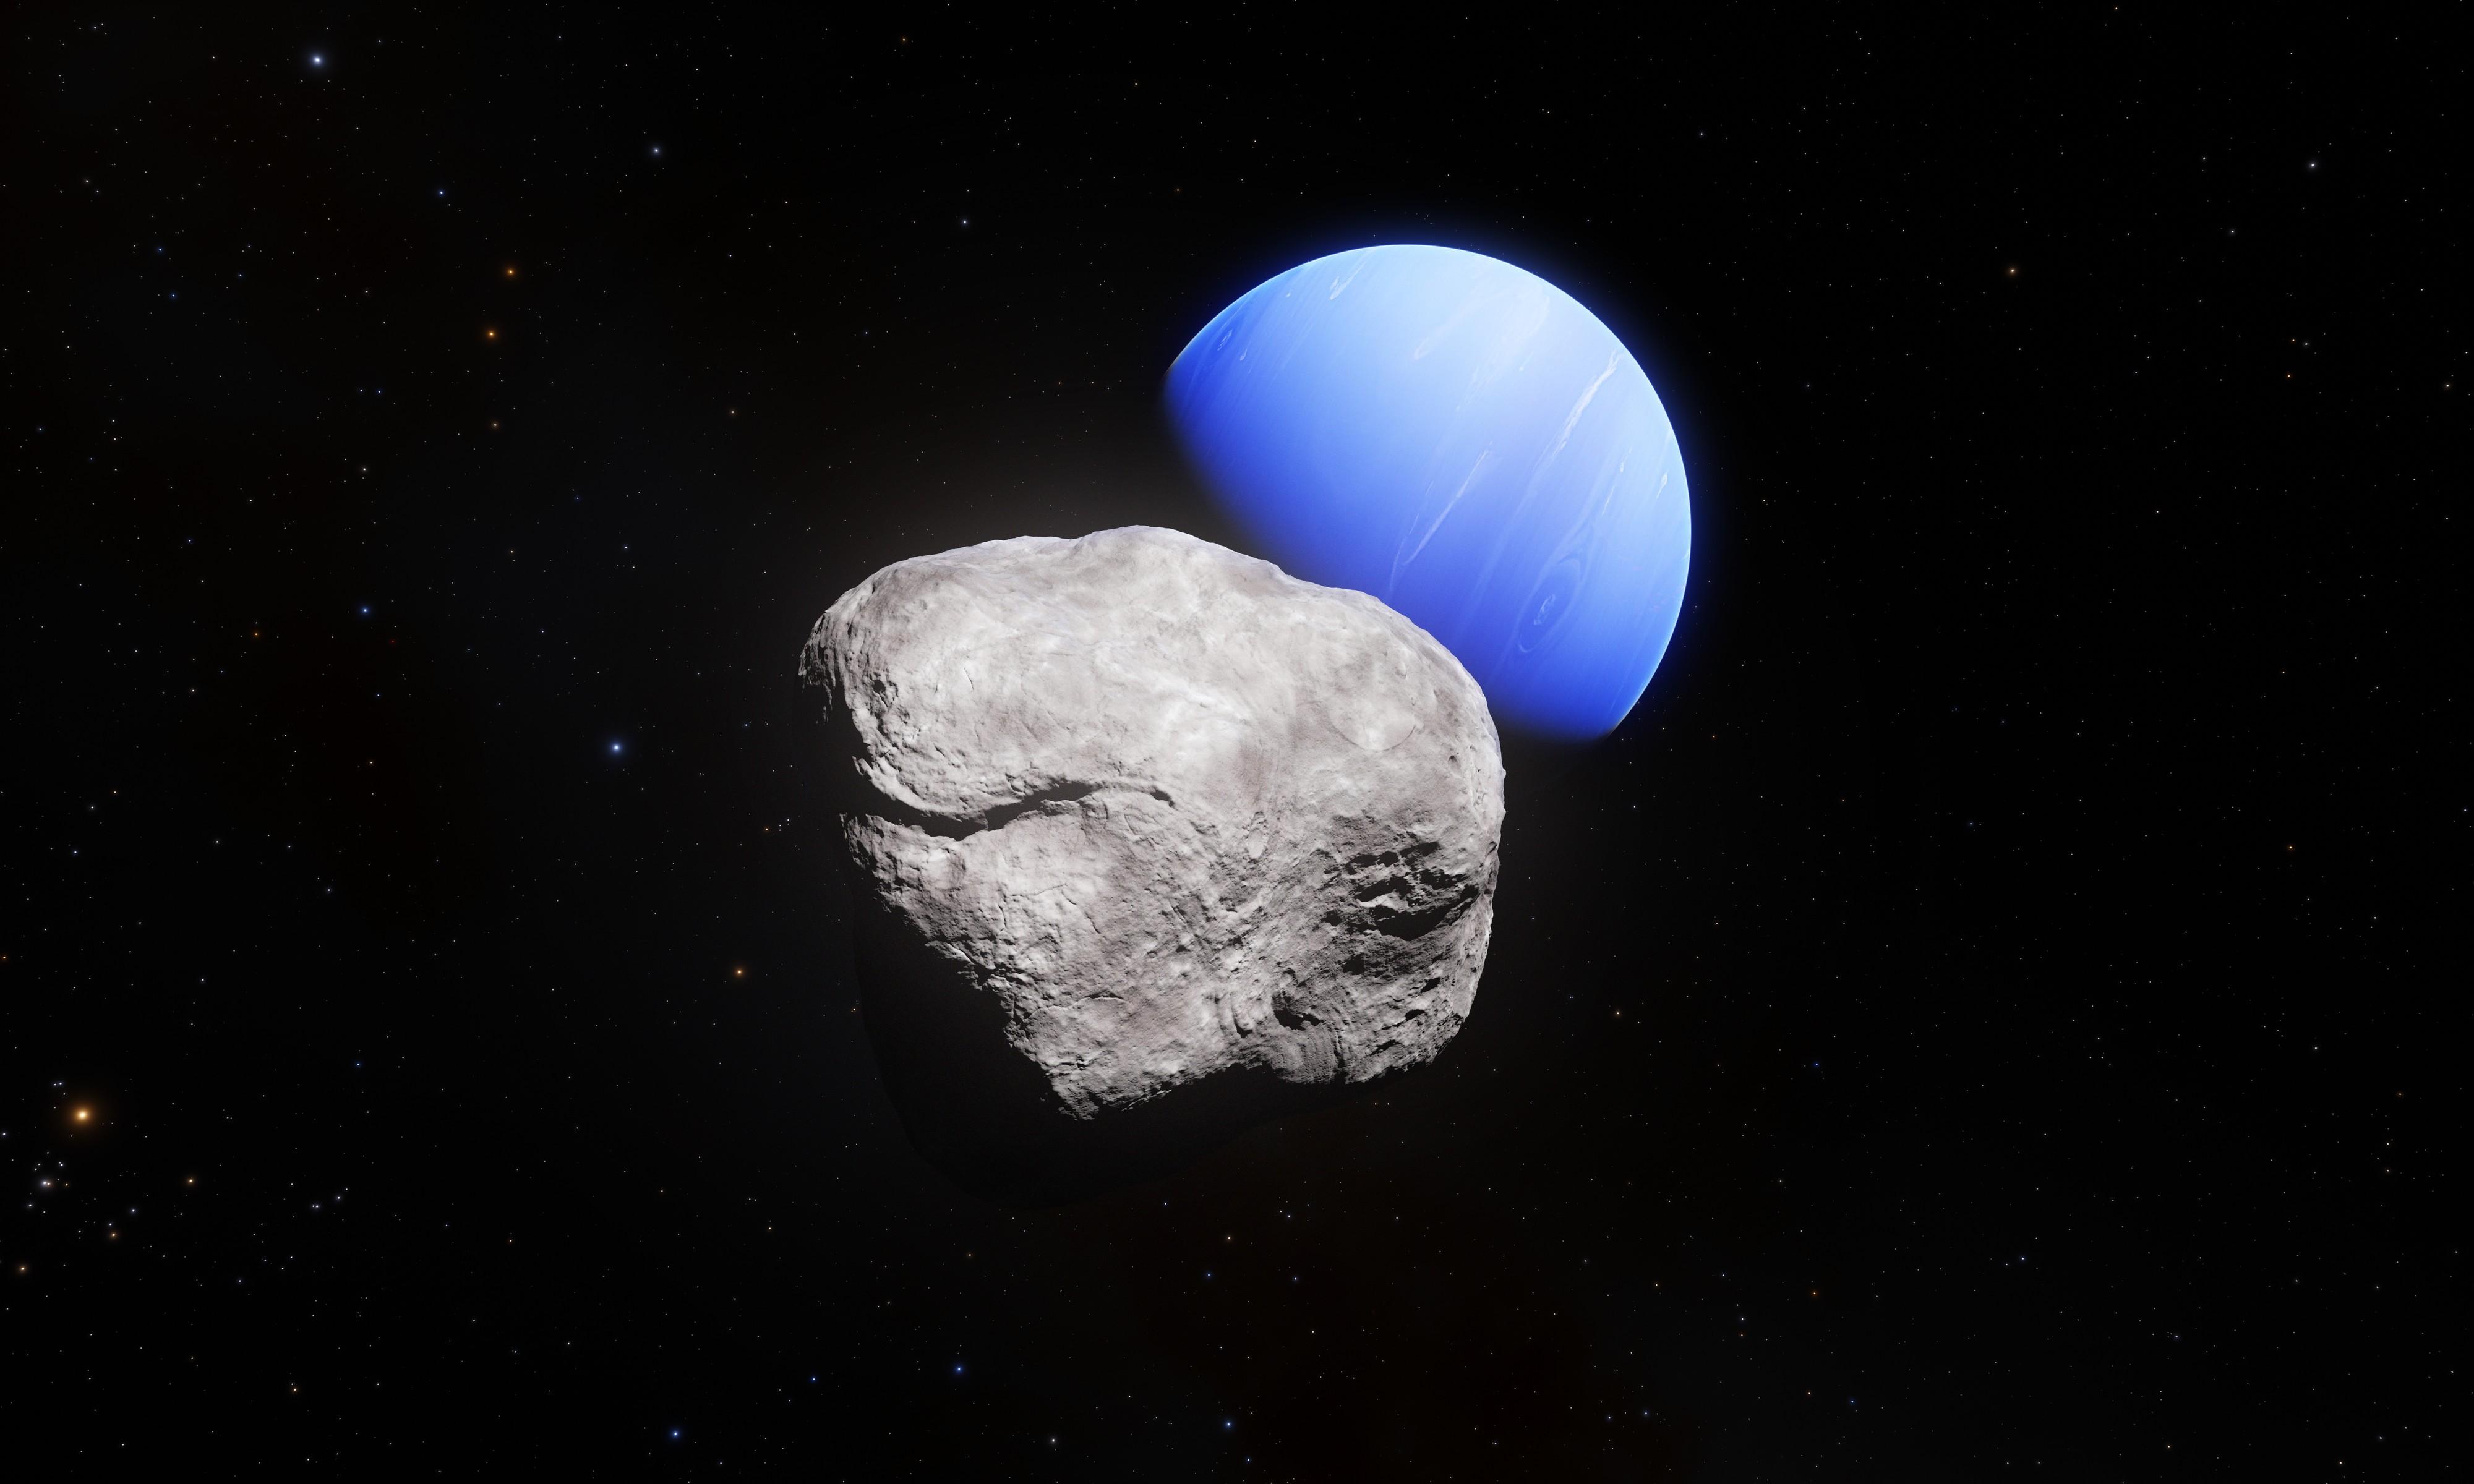 O planeta Netuno ao lado da lua Hippocamp (Foto: ESA/Hubble, NASA, L. Calçada)